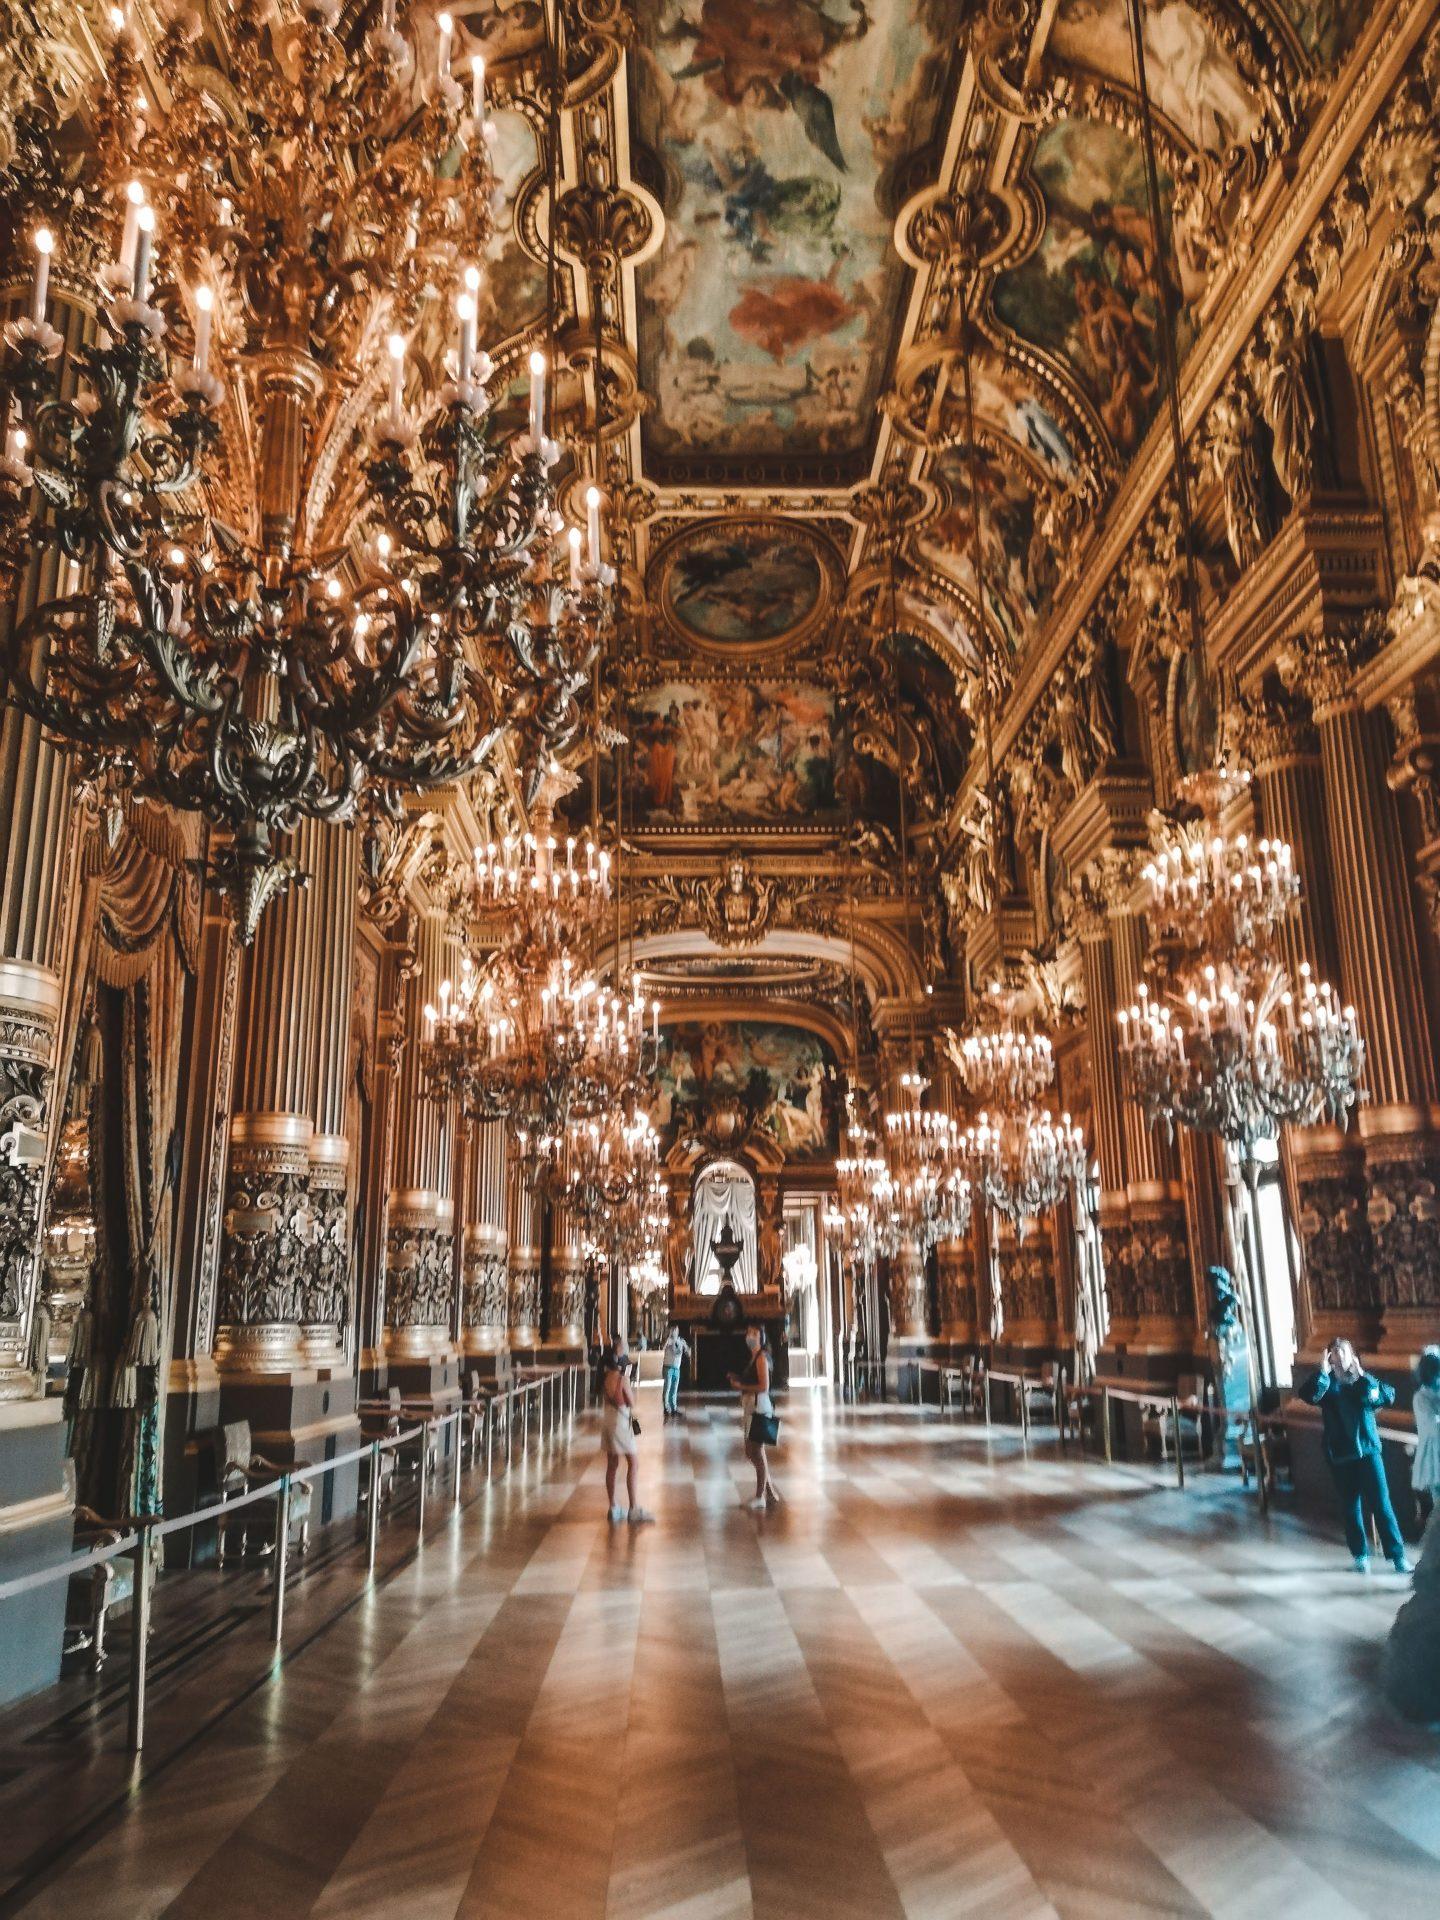 the golden Foyer at Palais Garnier, the opera of Paris